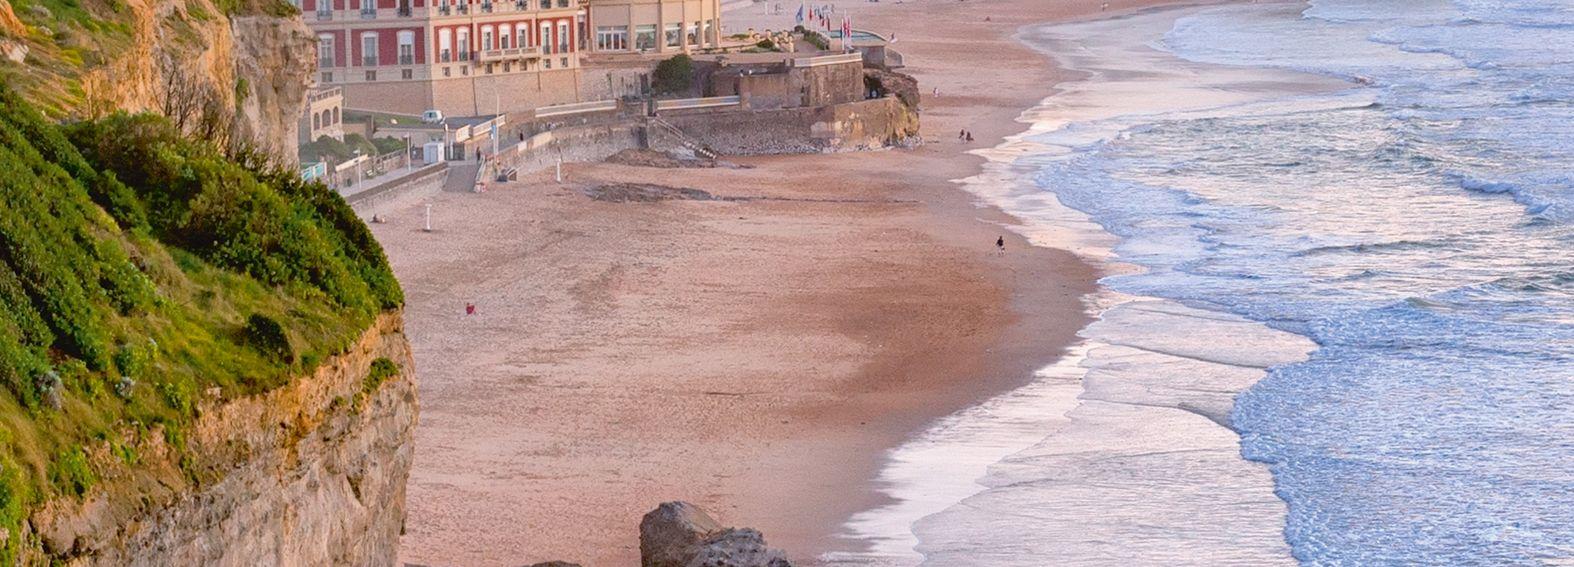 Biarritz (Atlantikküste)